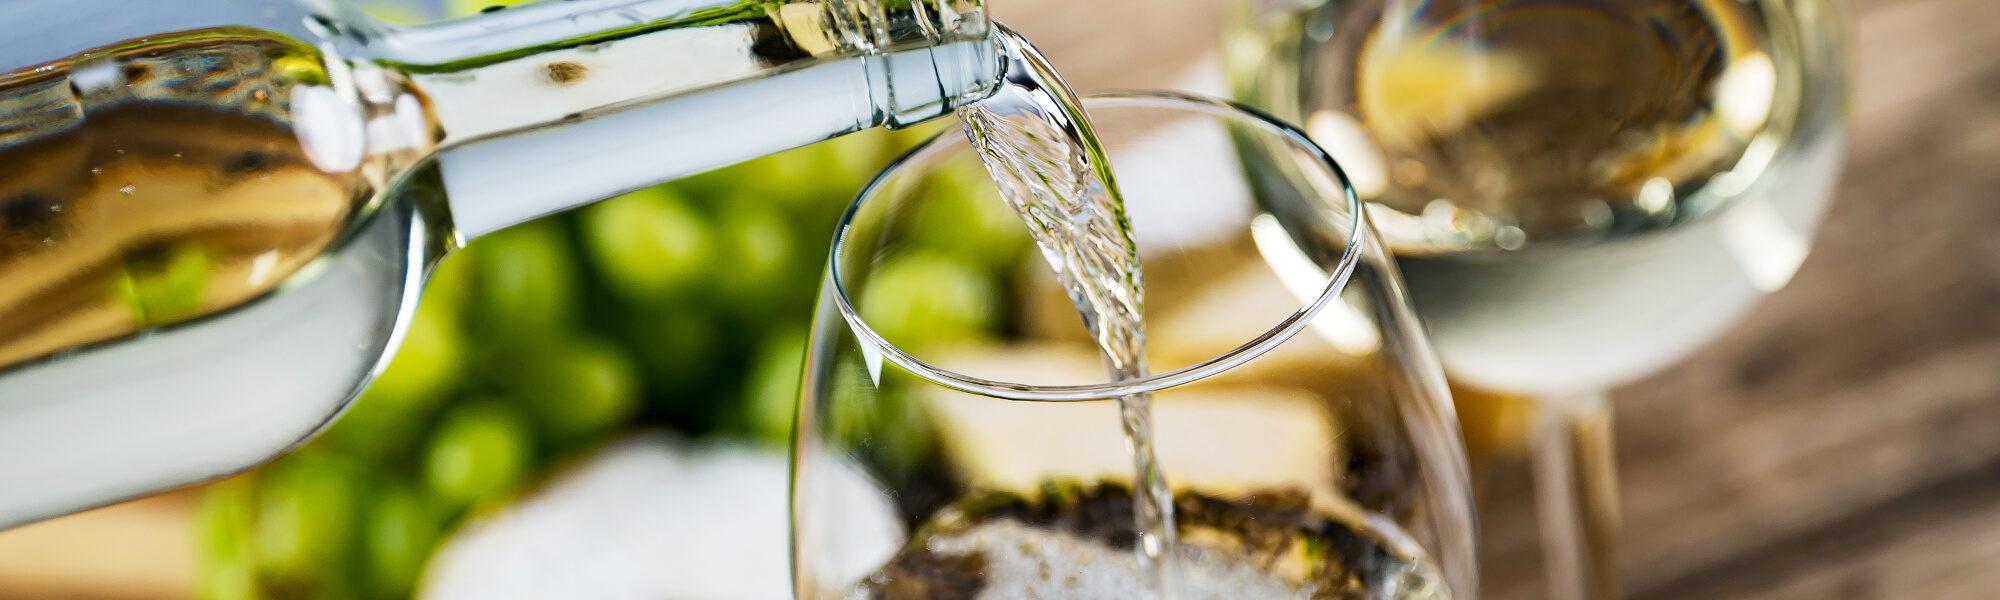 Veranstaltung Weindegustationsmenü